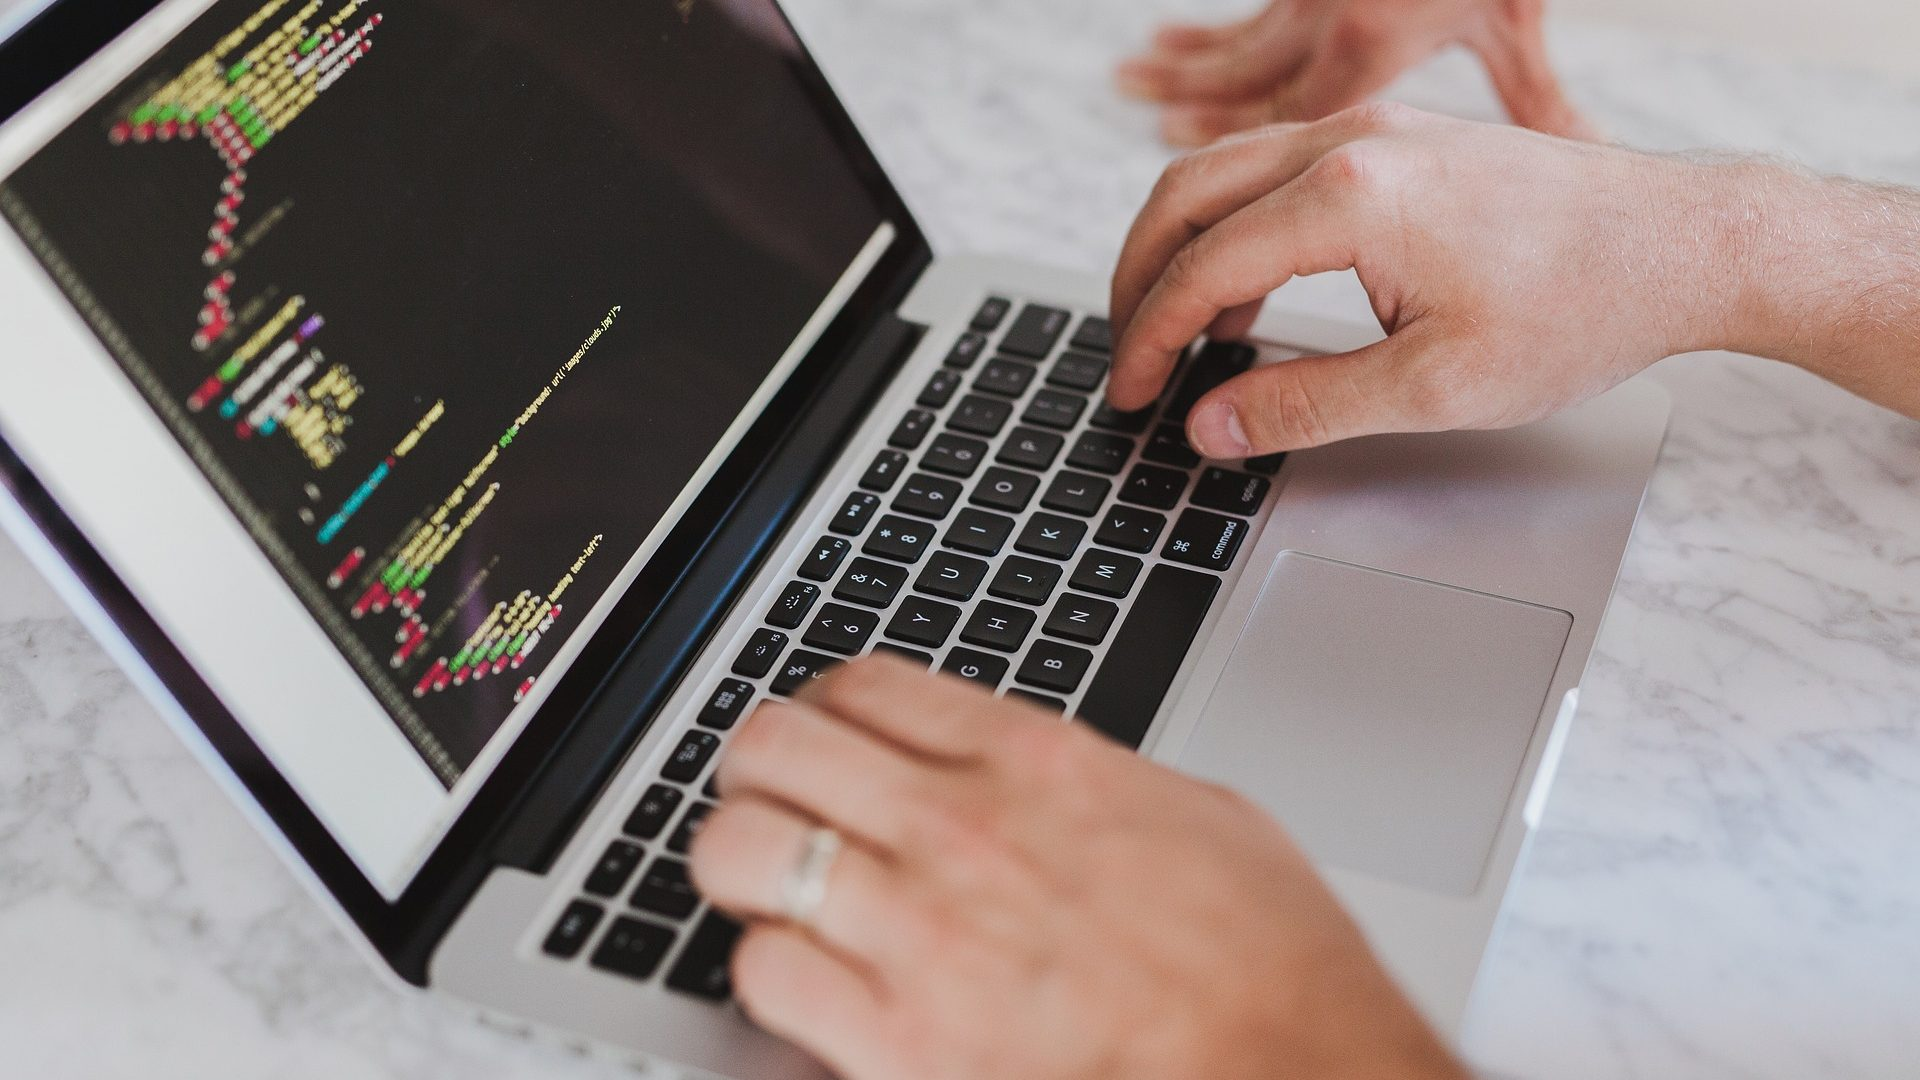 Diseño UX/UI: las piezas clave de la navegación web